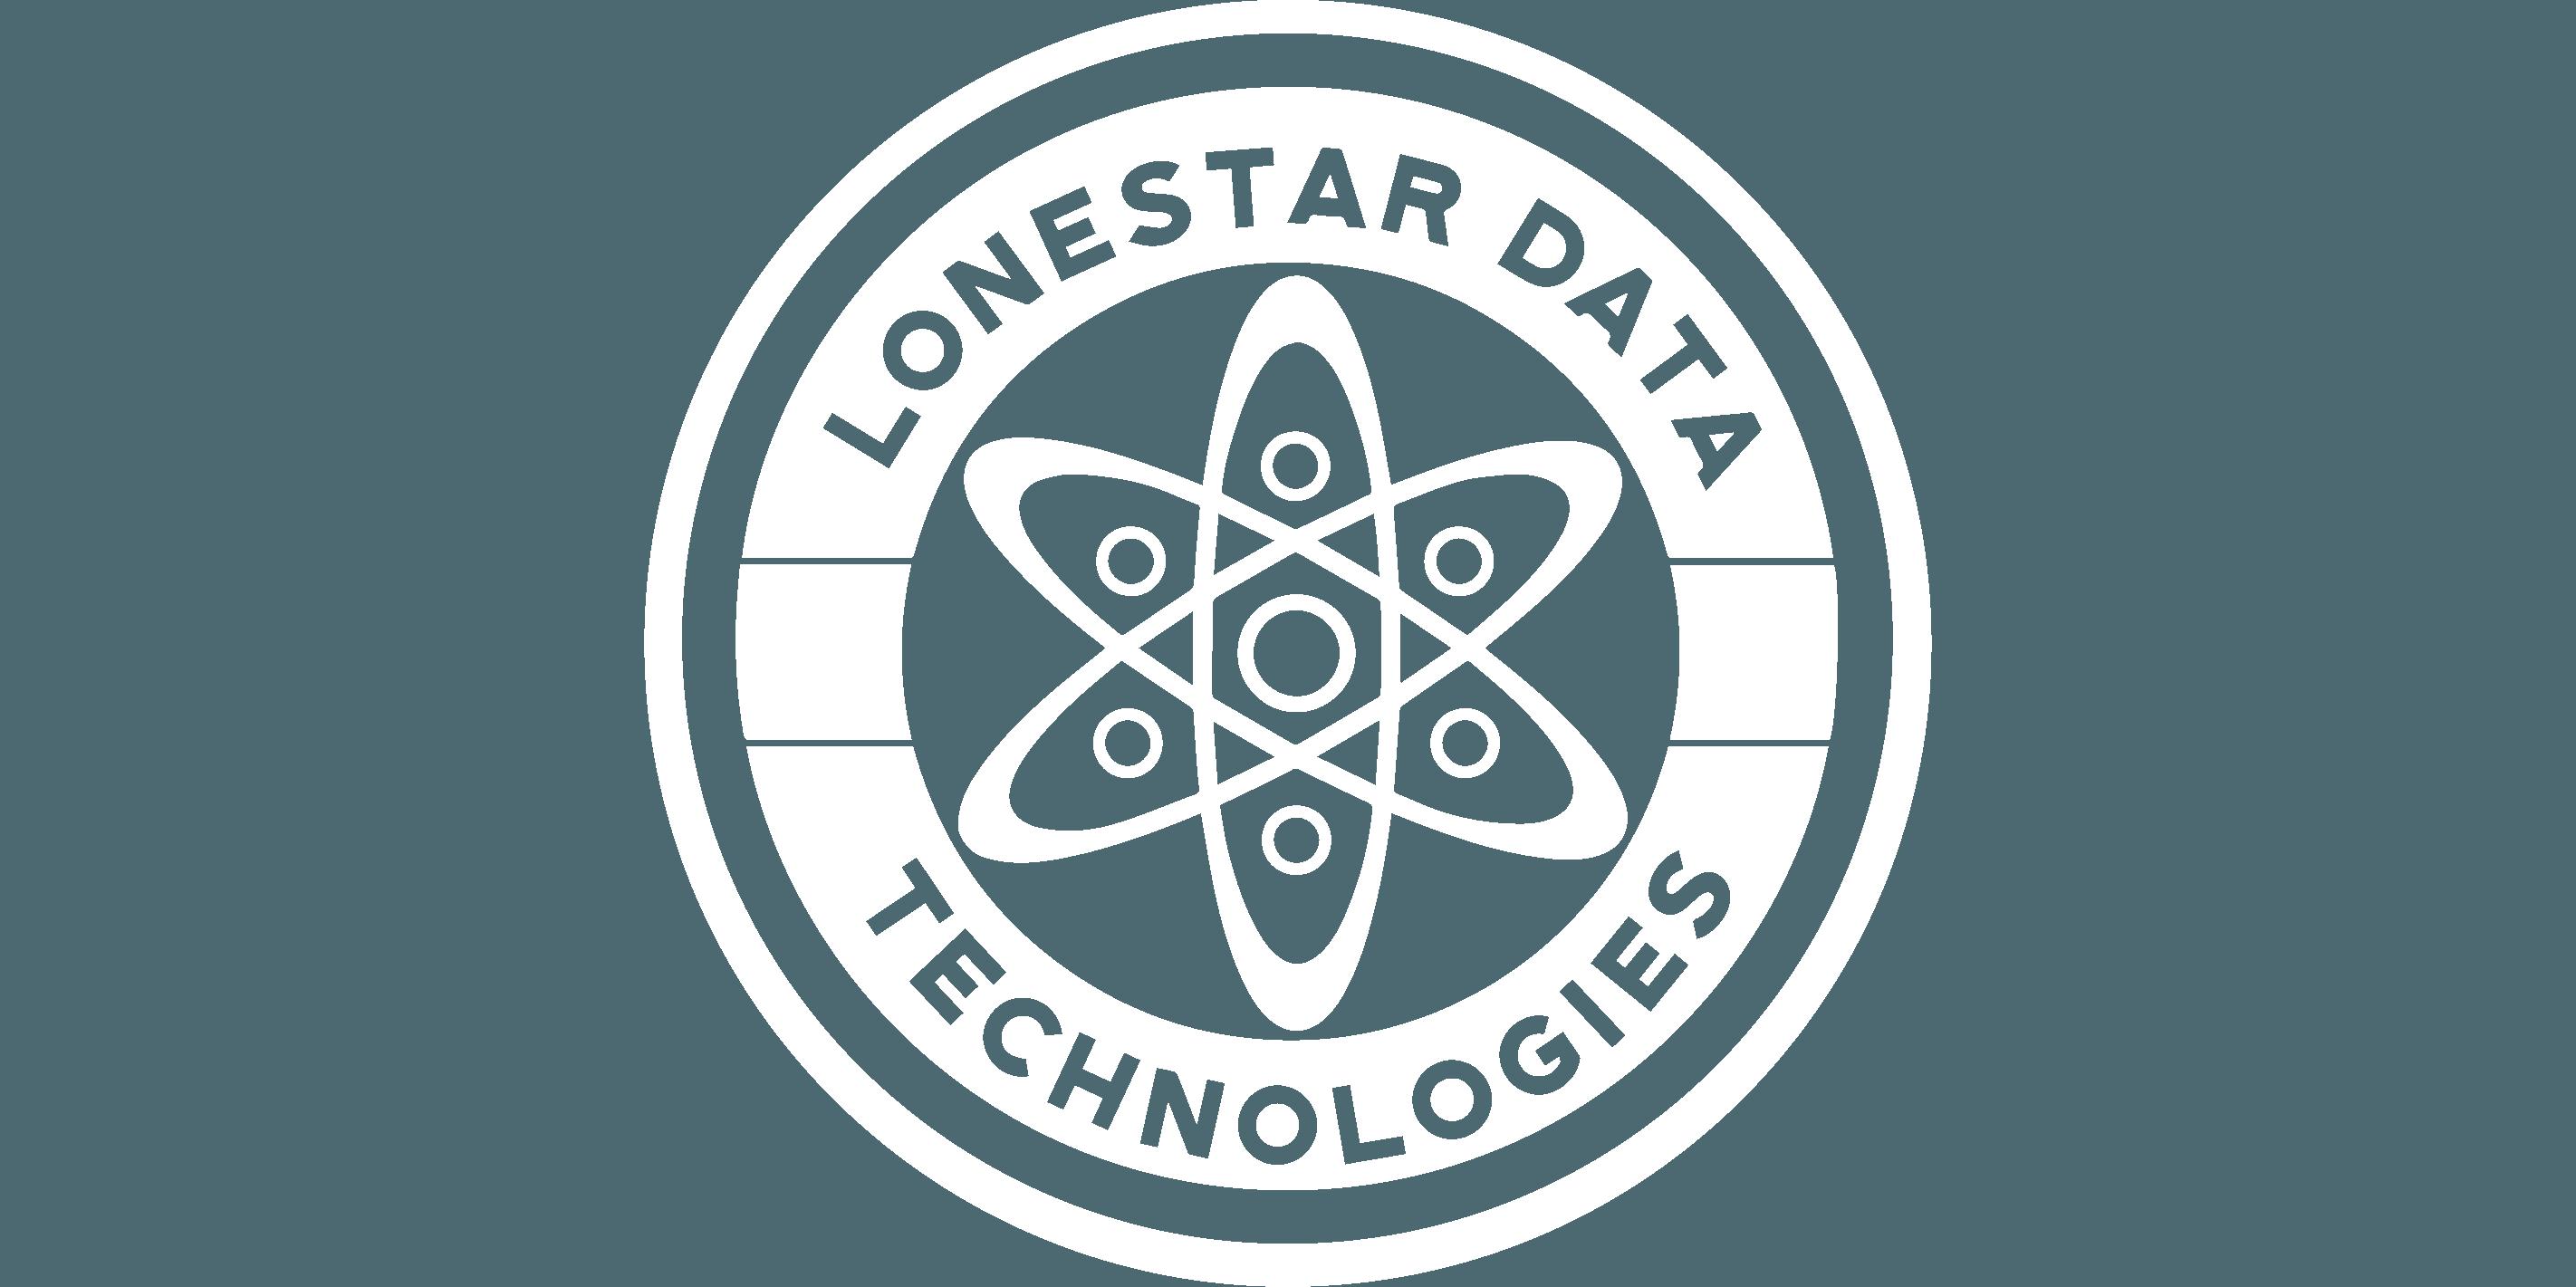 Lonestar White 2